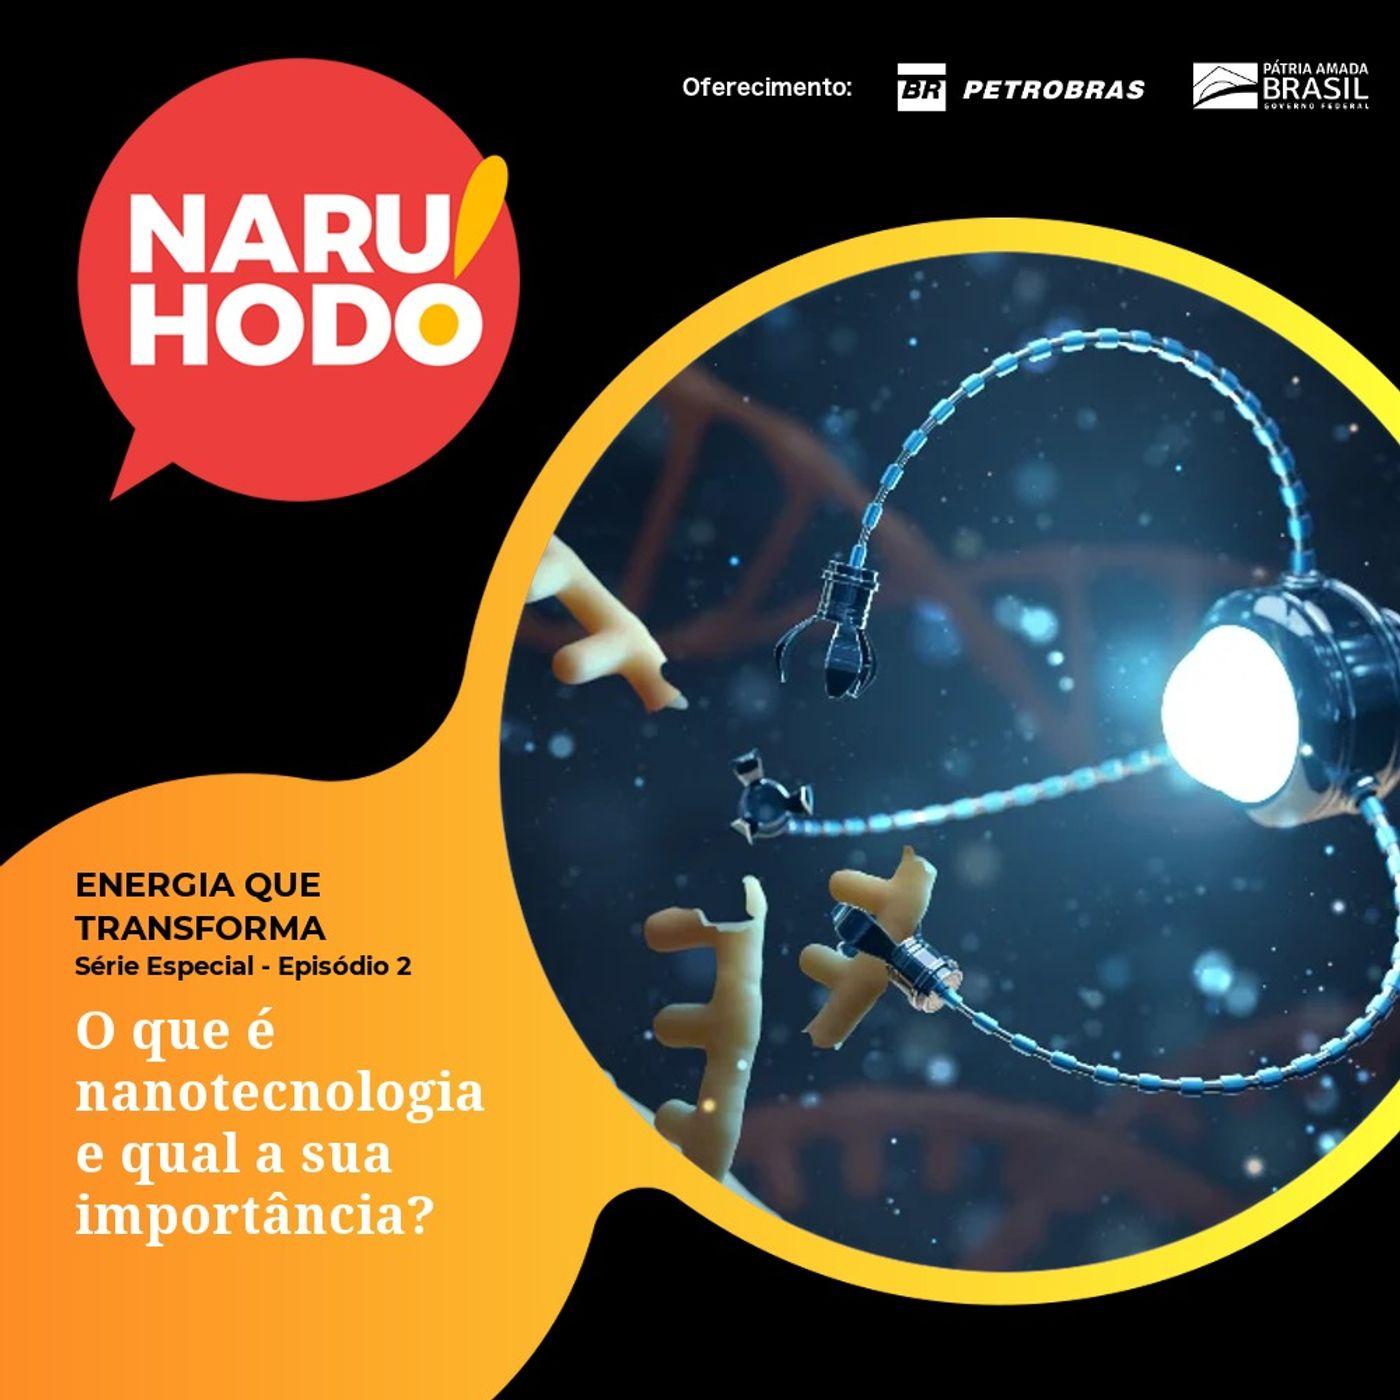 Naruhodo Extra - Série Especial ENERGIA QUE TRANSFORMA - Episódio 2: O que é nanotecnologia e qual a sua importância?